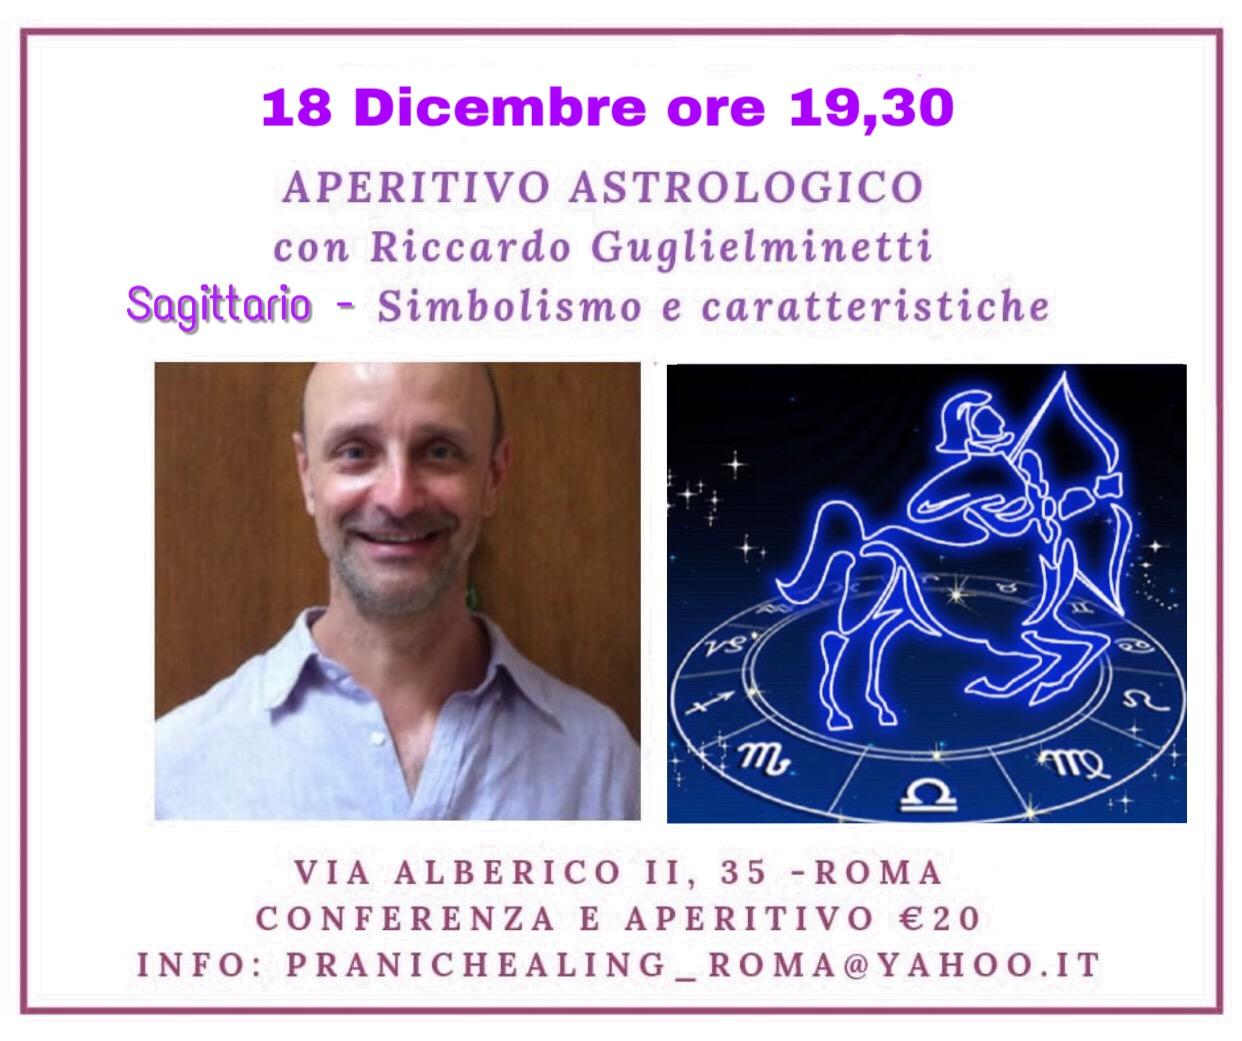 APERITIVO ASTROLOGICO – SAGITTARIO – 18 DICEMBRE ORE 19.30